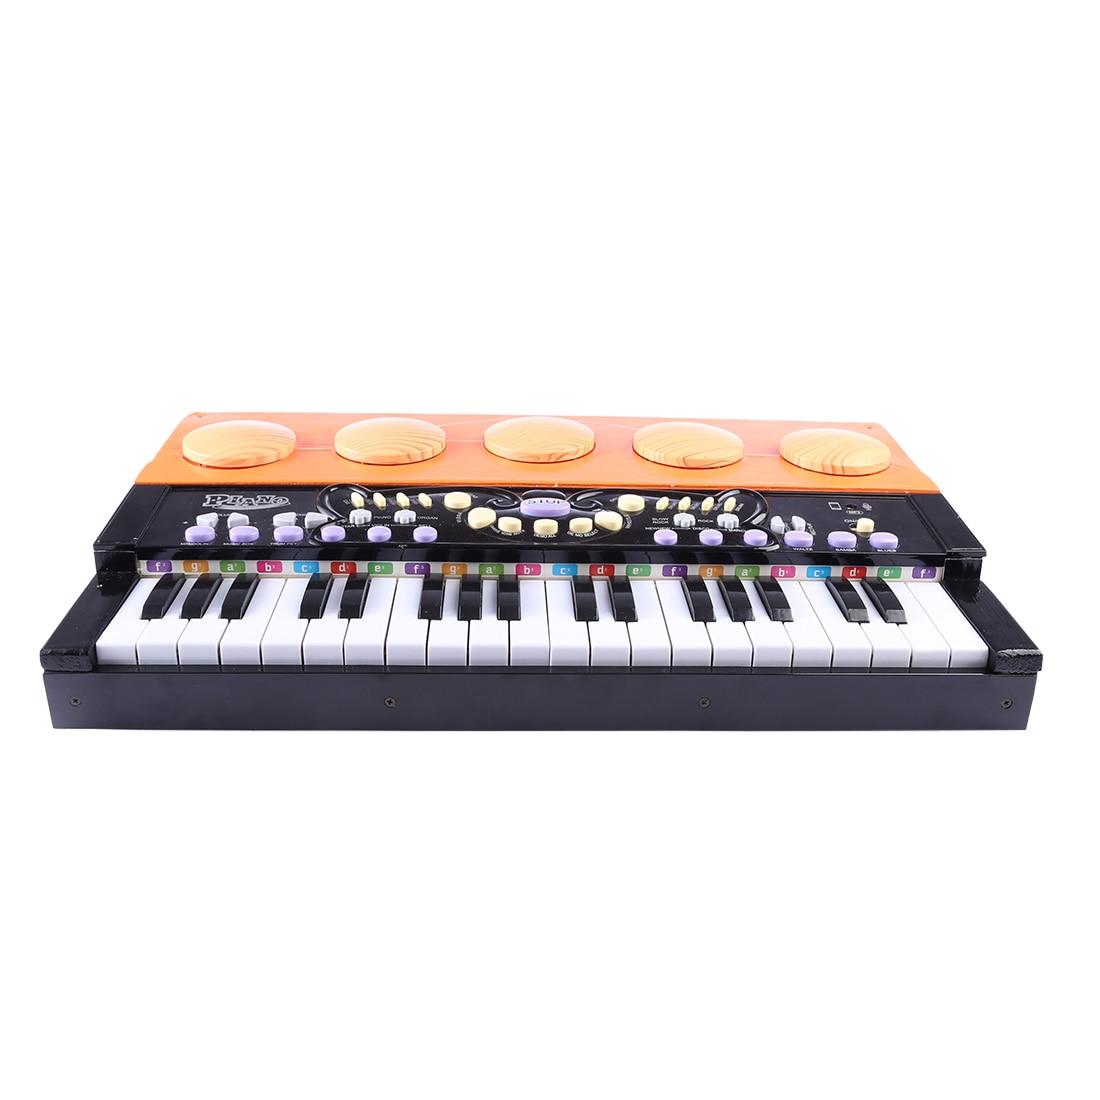 37 clés Mini Piano Vertical en bois Grand Instrument de musique précoce jouets éducatifs pour enfants-noir